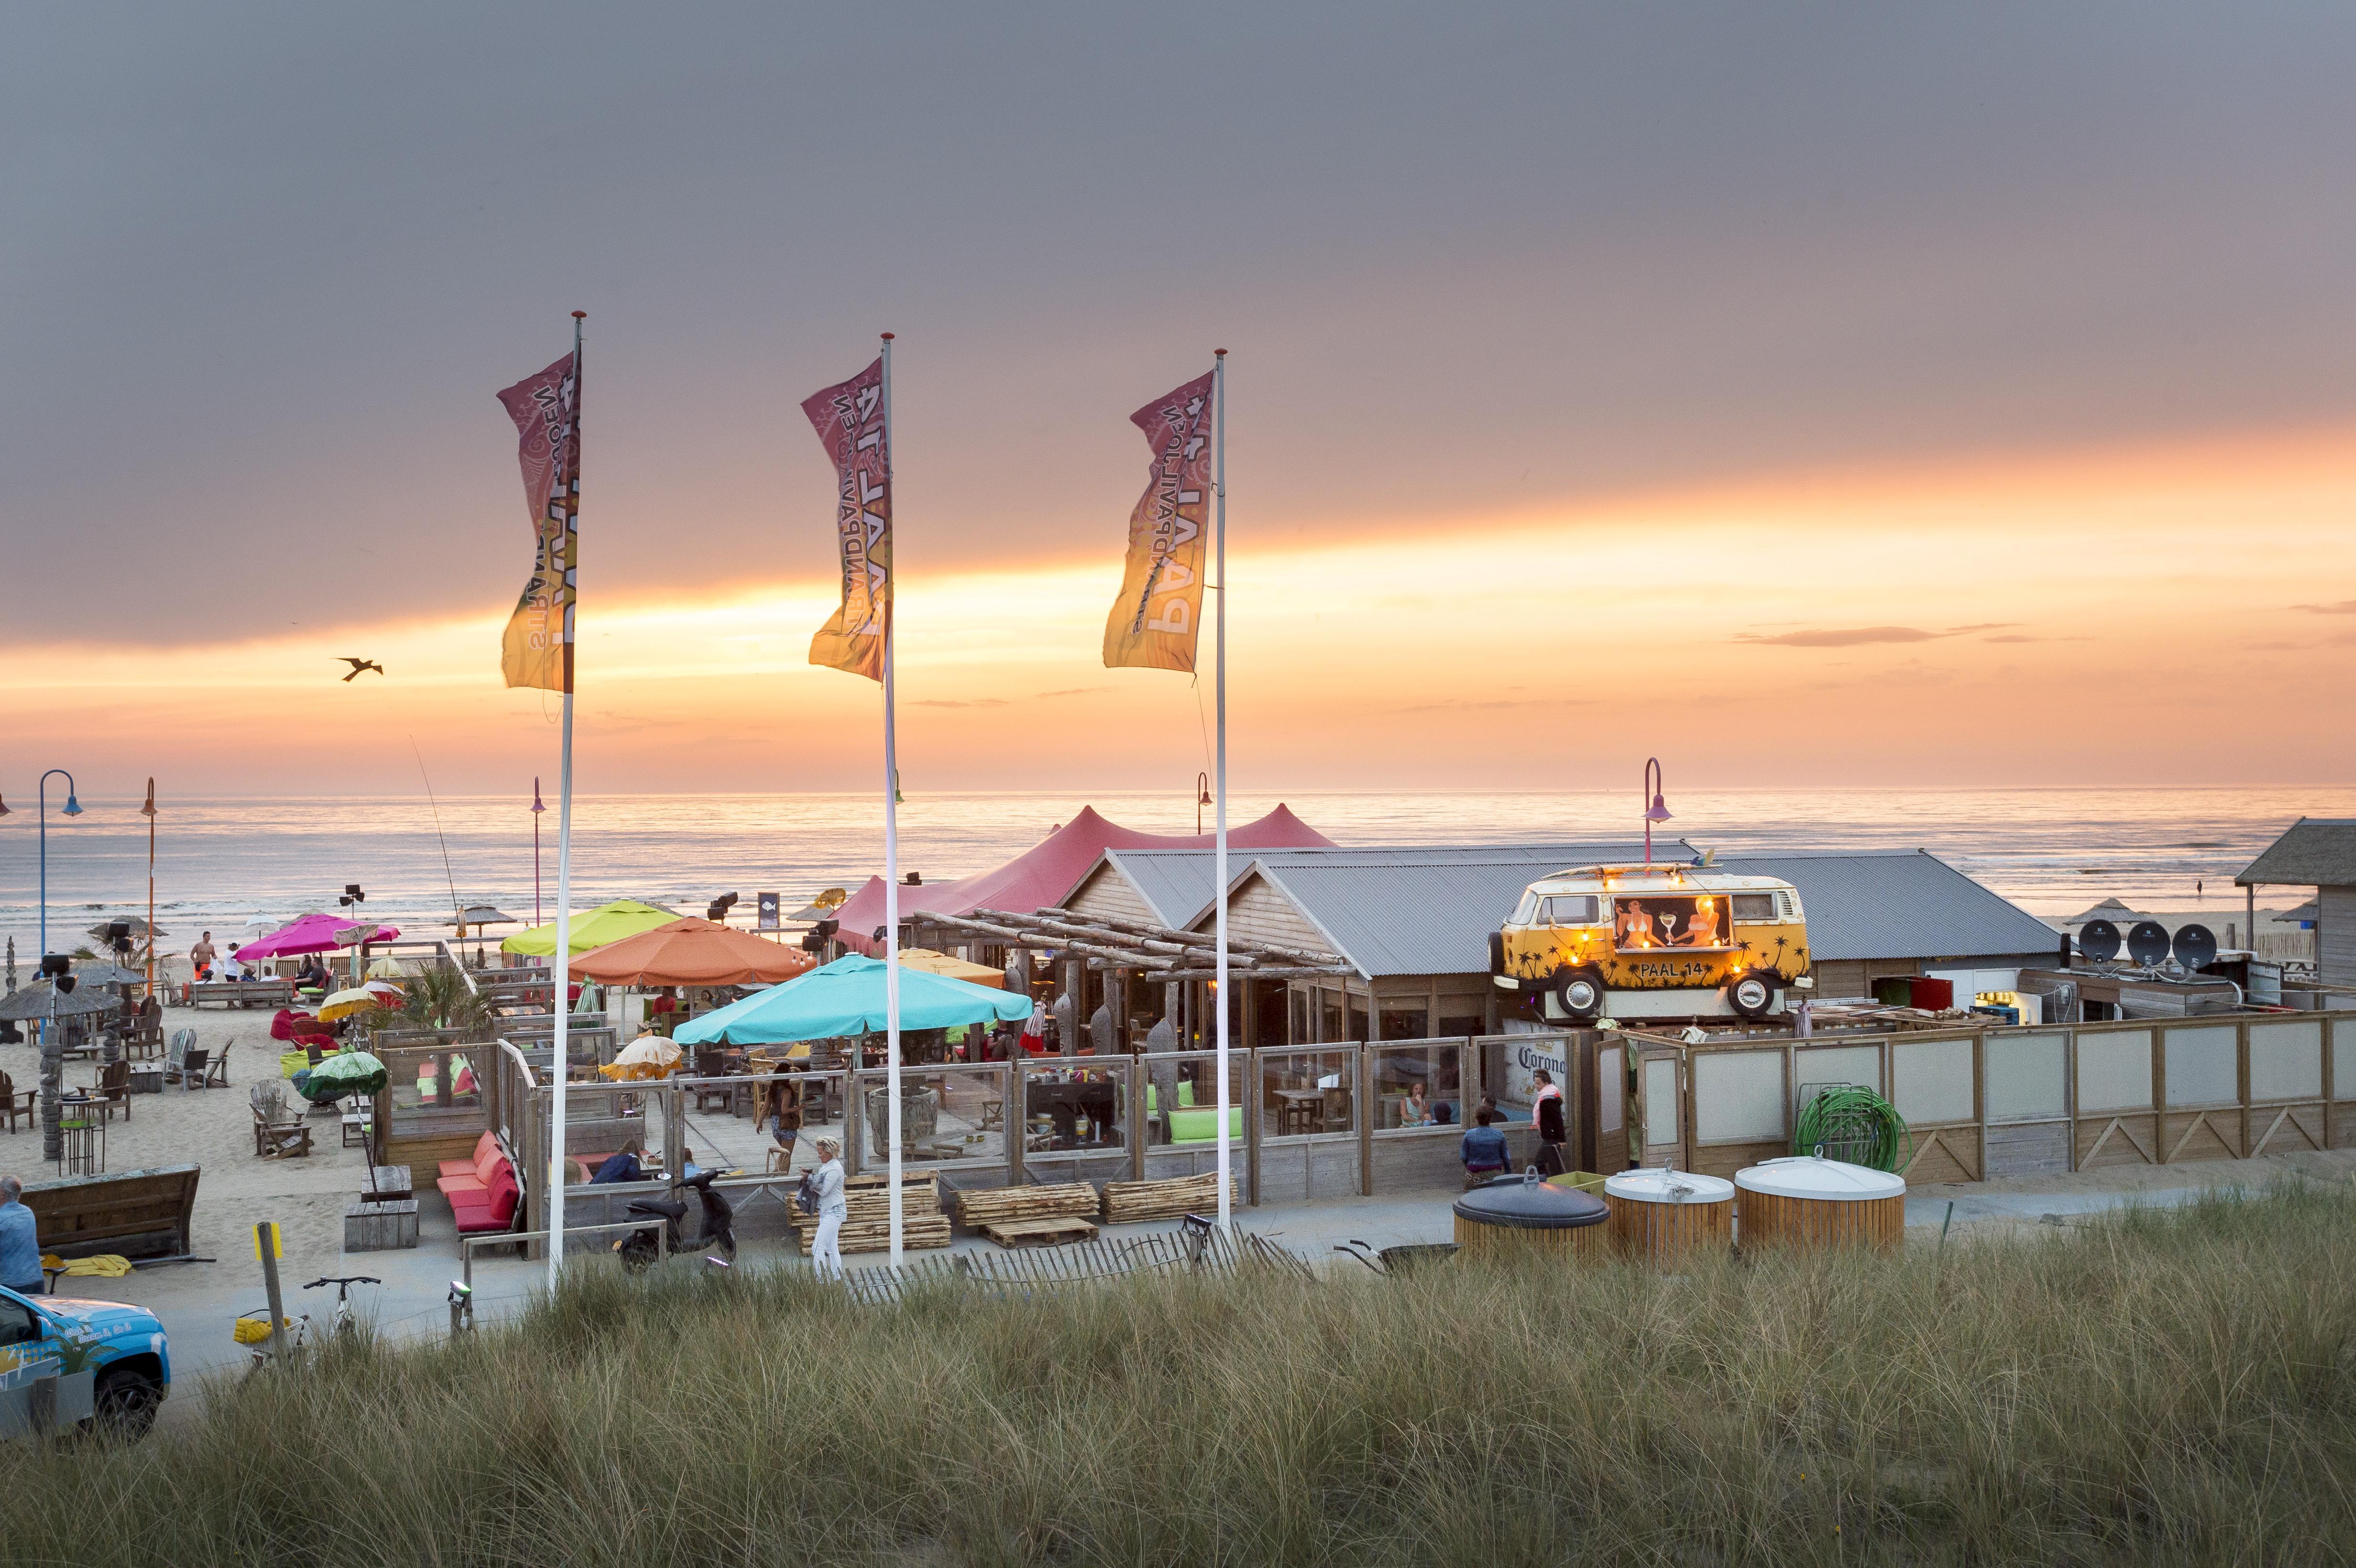 Buitensportschool op Katwijks strand: 'Dit komt in deze tijd goed uit'